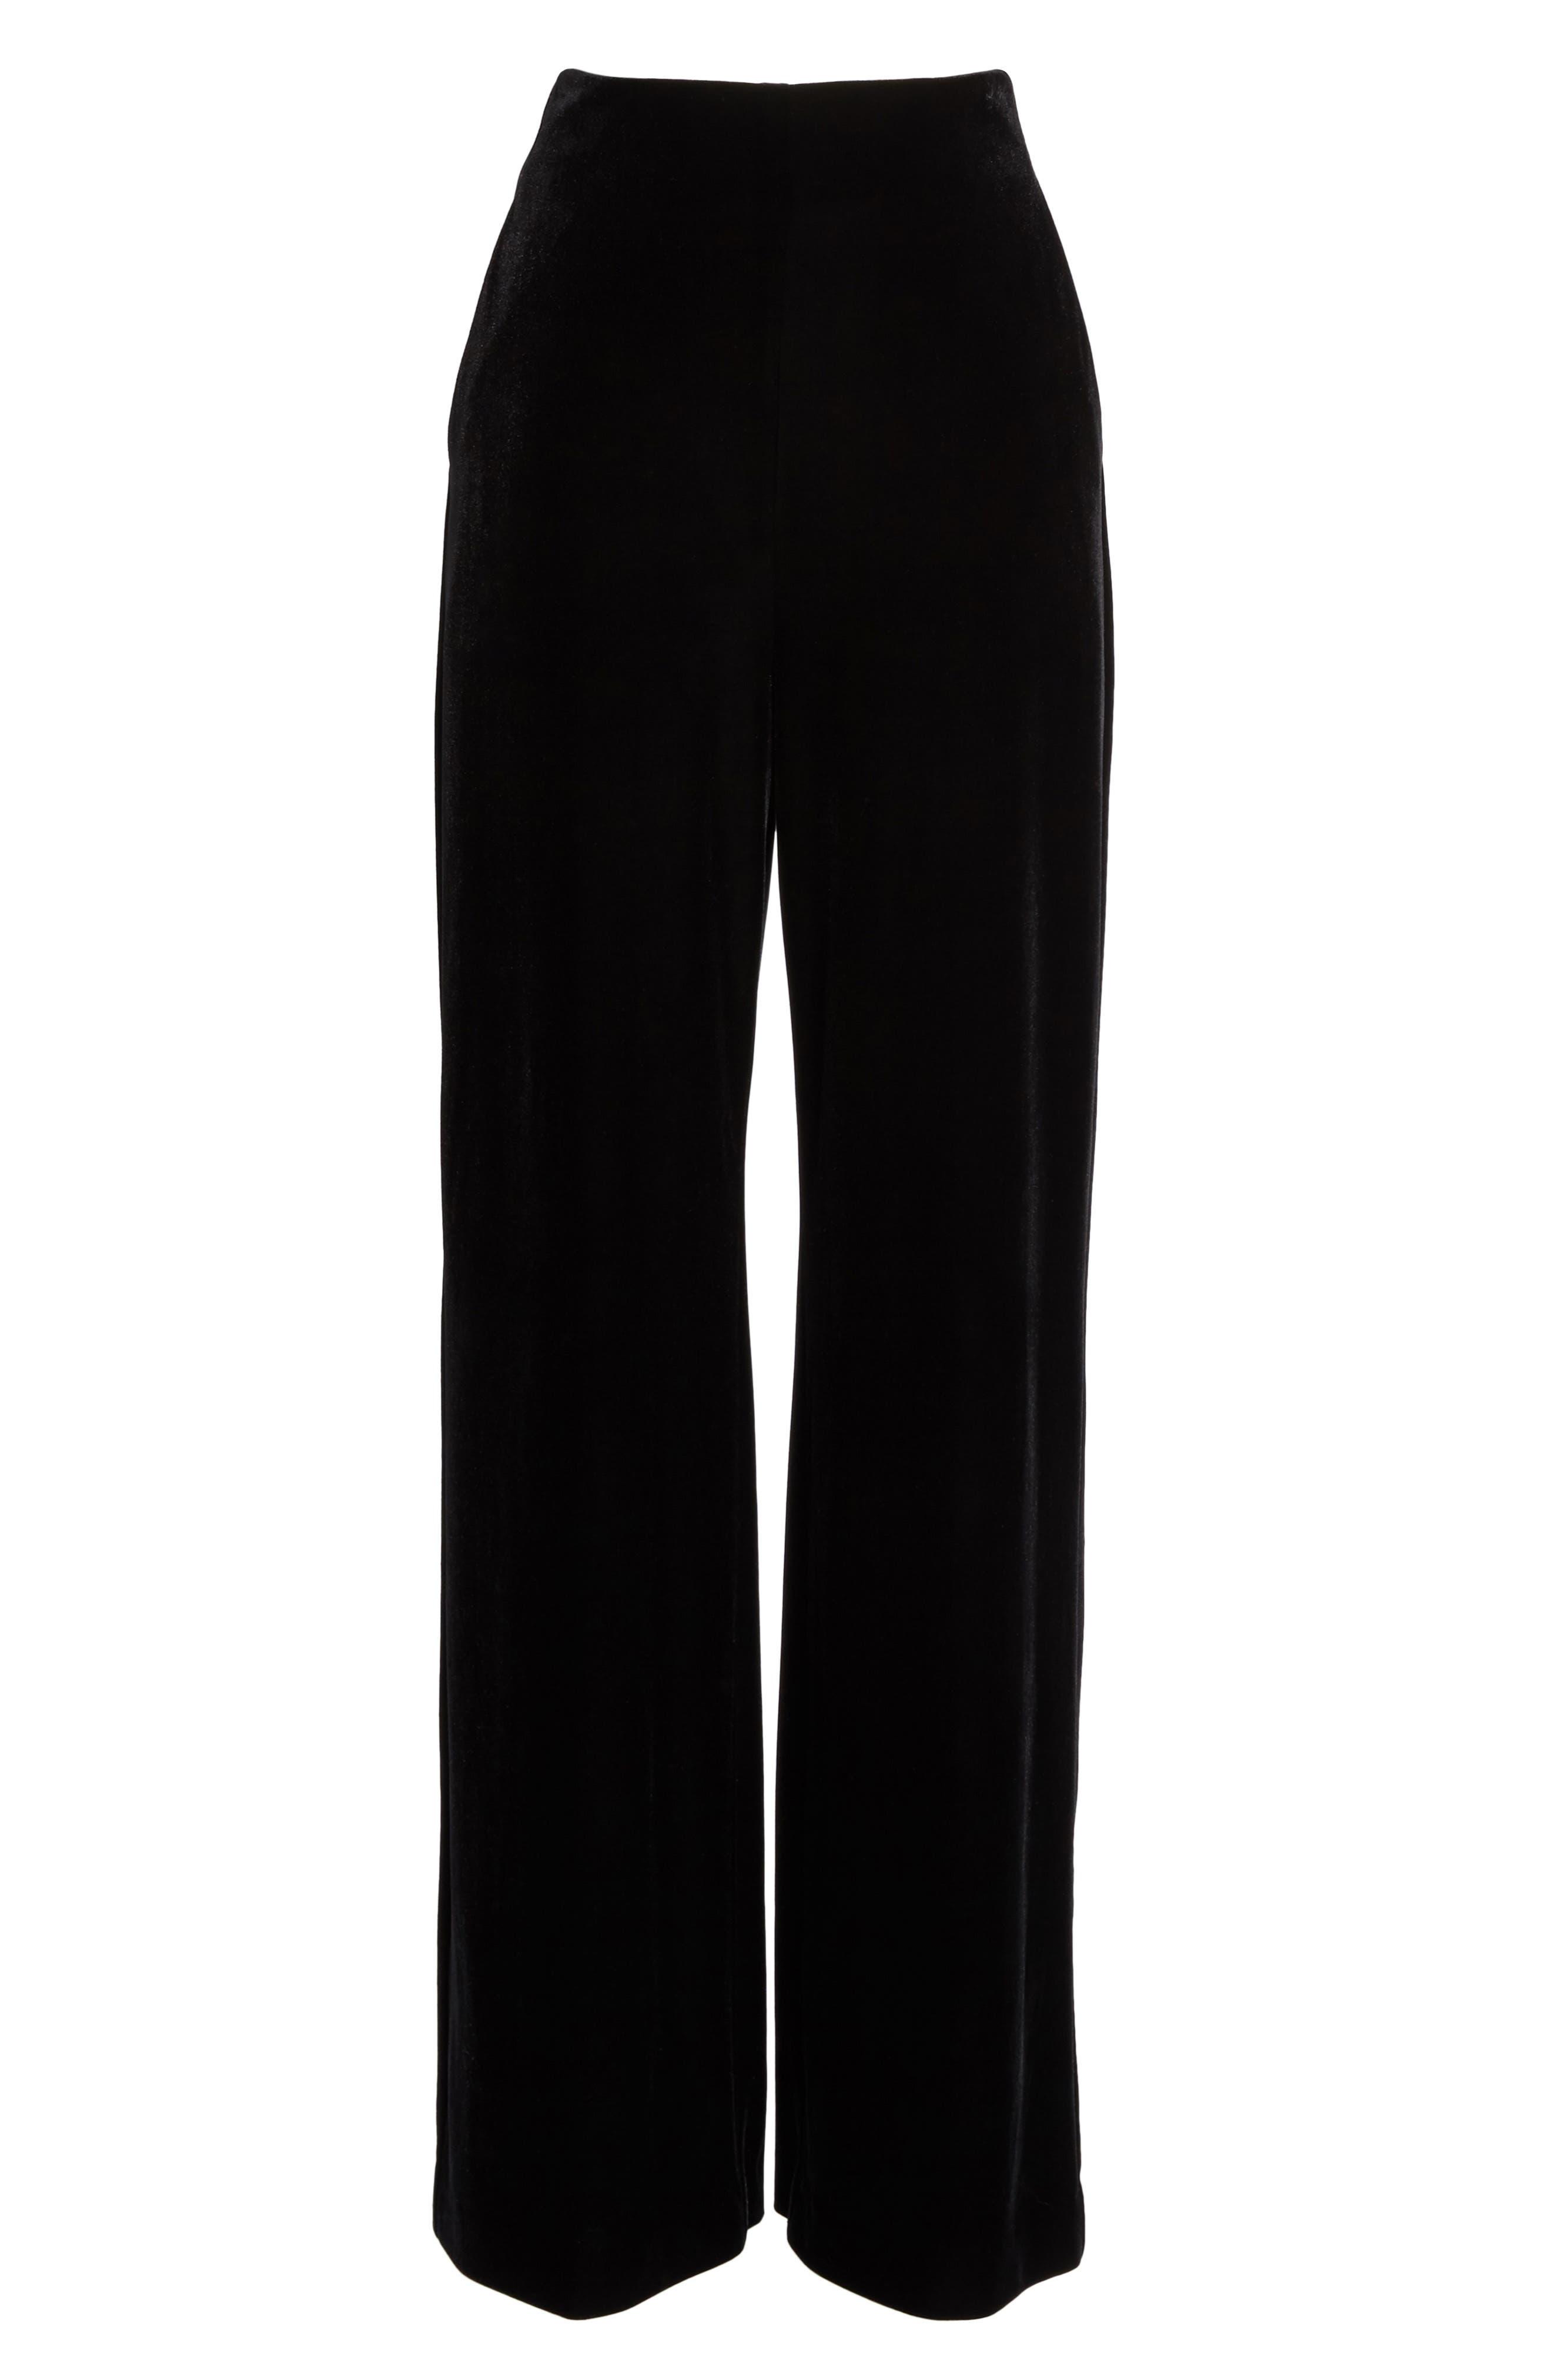 Velvet Trousers,                             Alternate thumbnail 9, color,                             Black